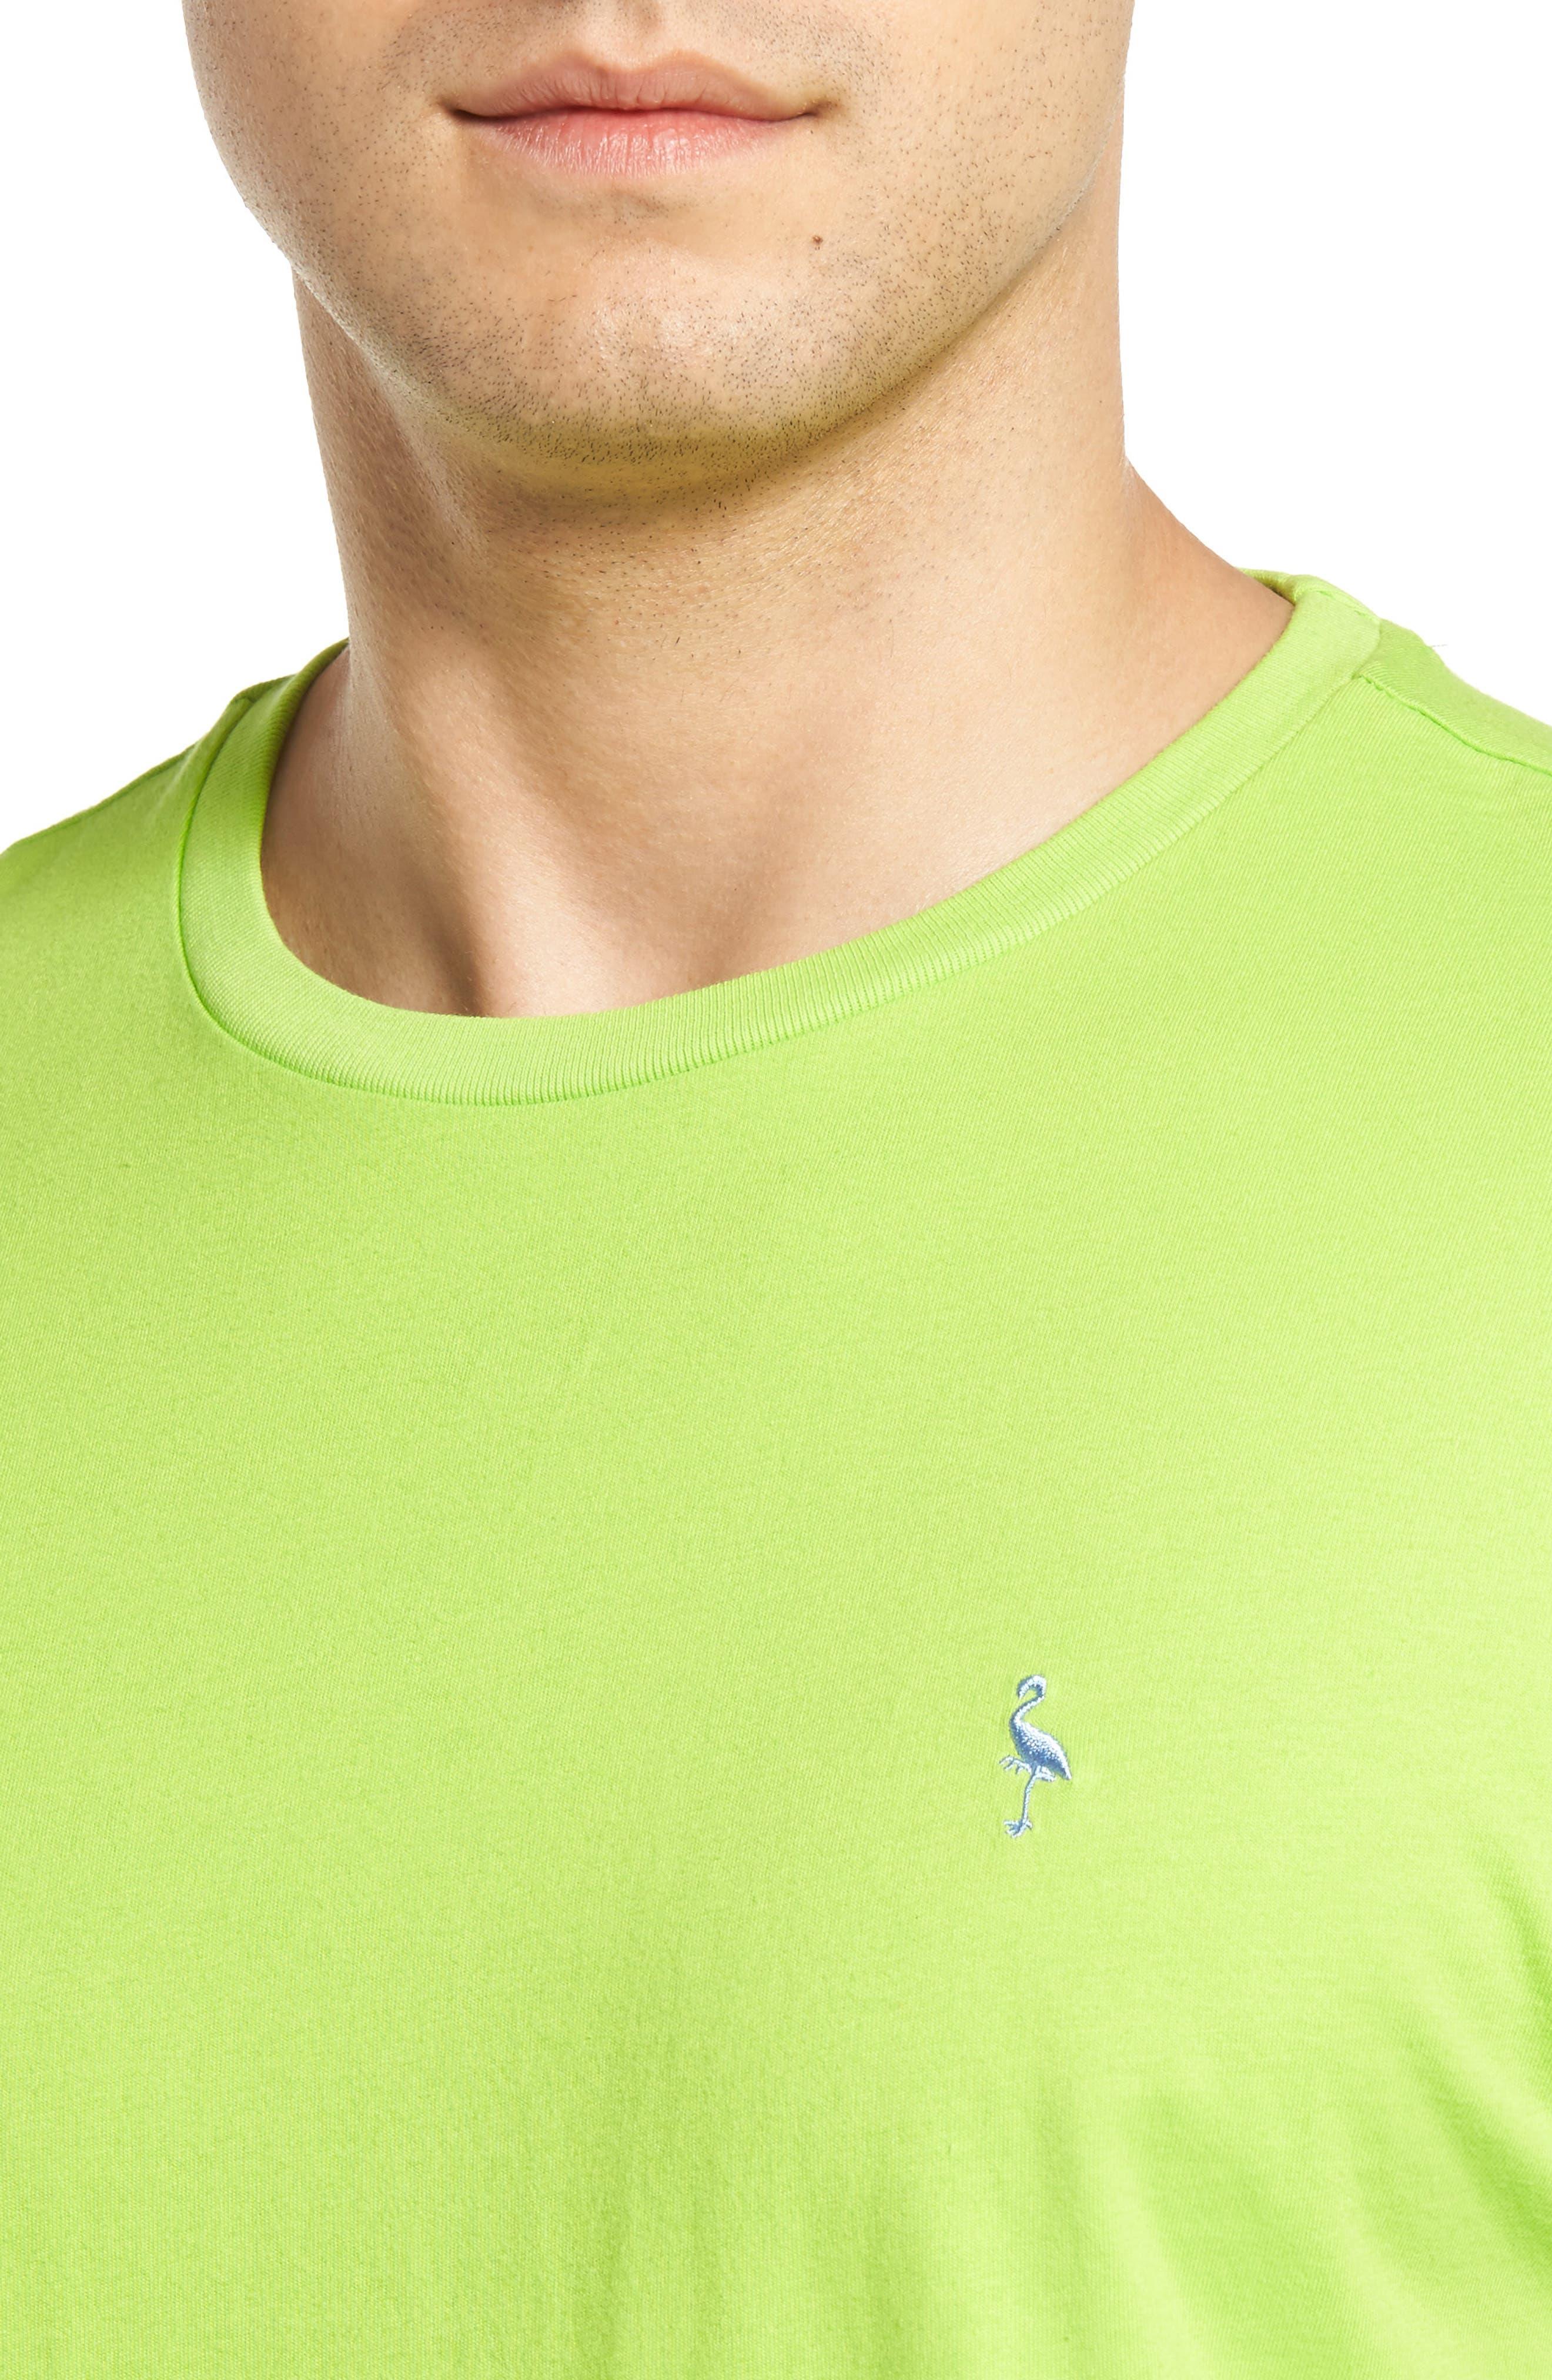 Markham Square T-Shirt,                             Alternate thumbnail 4, color,                             Marathon Green